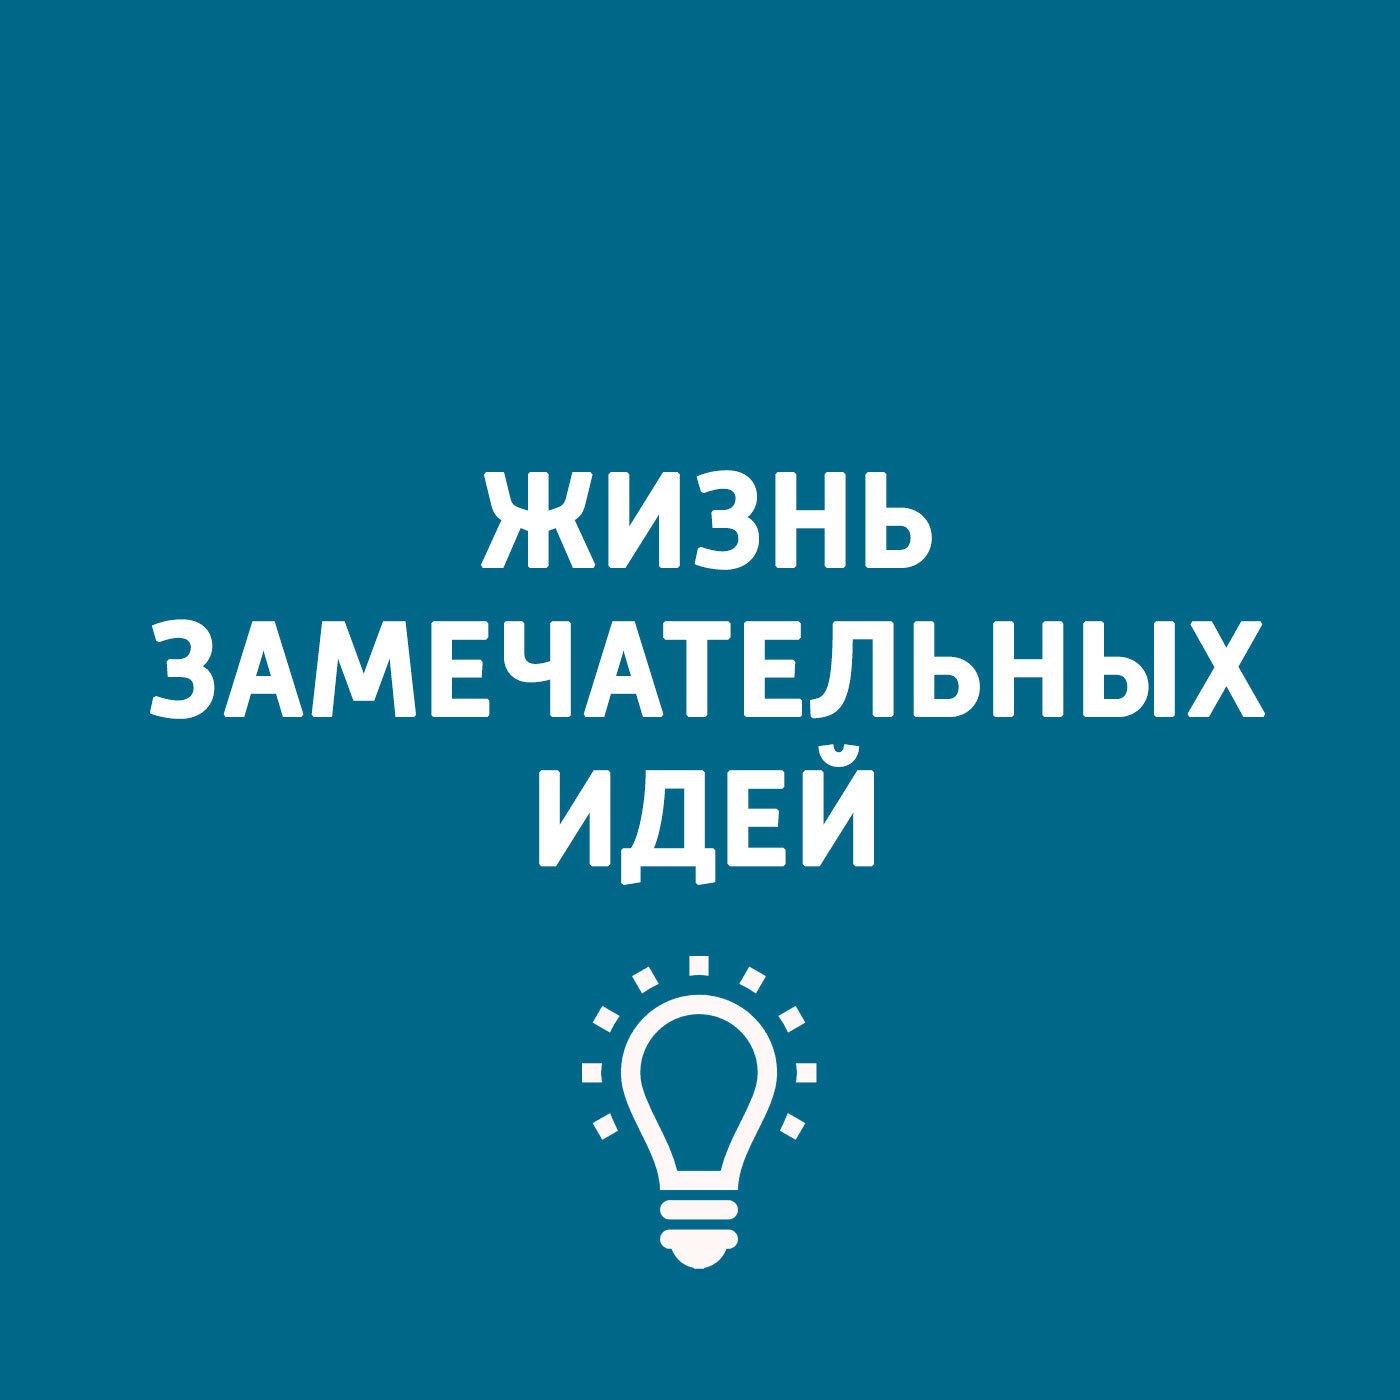 Развитие железных дорог и вокзалов Москвы. Часть 2